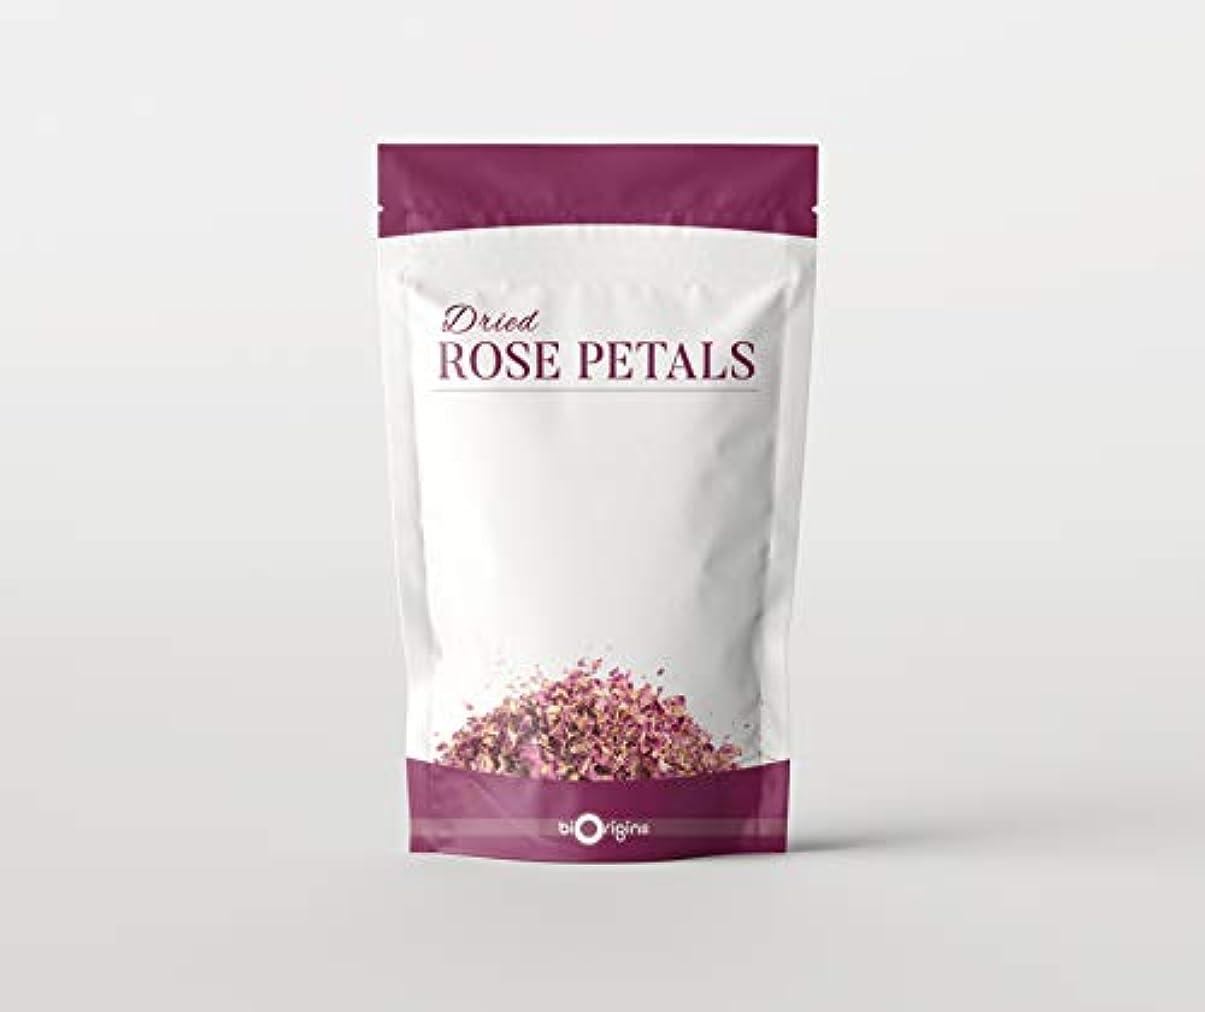 記念碑メニューキャプションDried Rose Petals - 100g